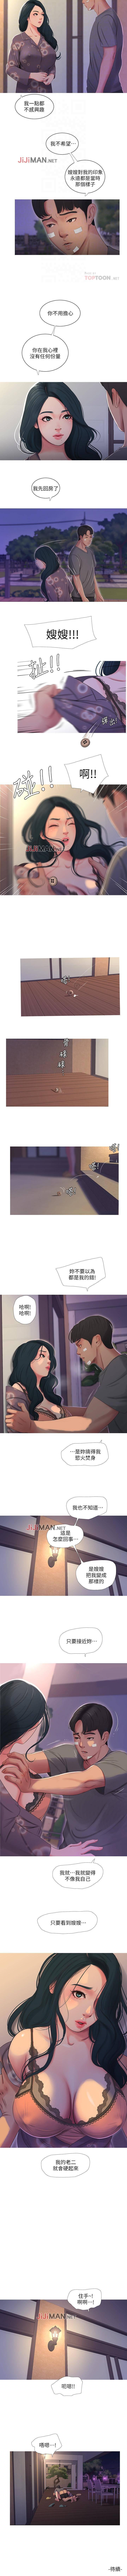 【周四连载】亲家四姐妹(作者:愛摸) 第1~27话 72